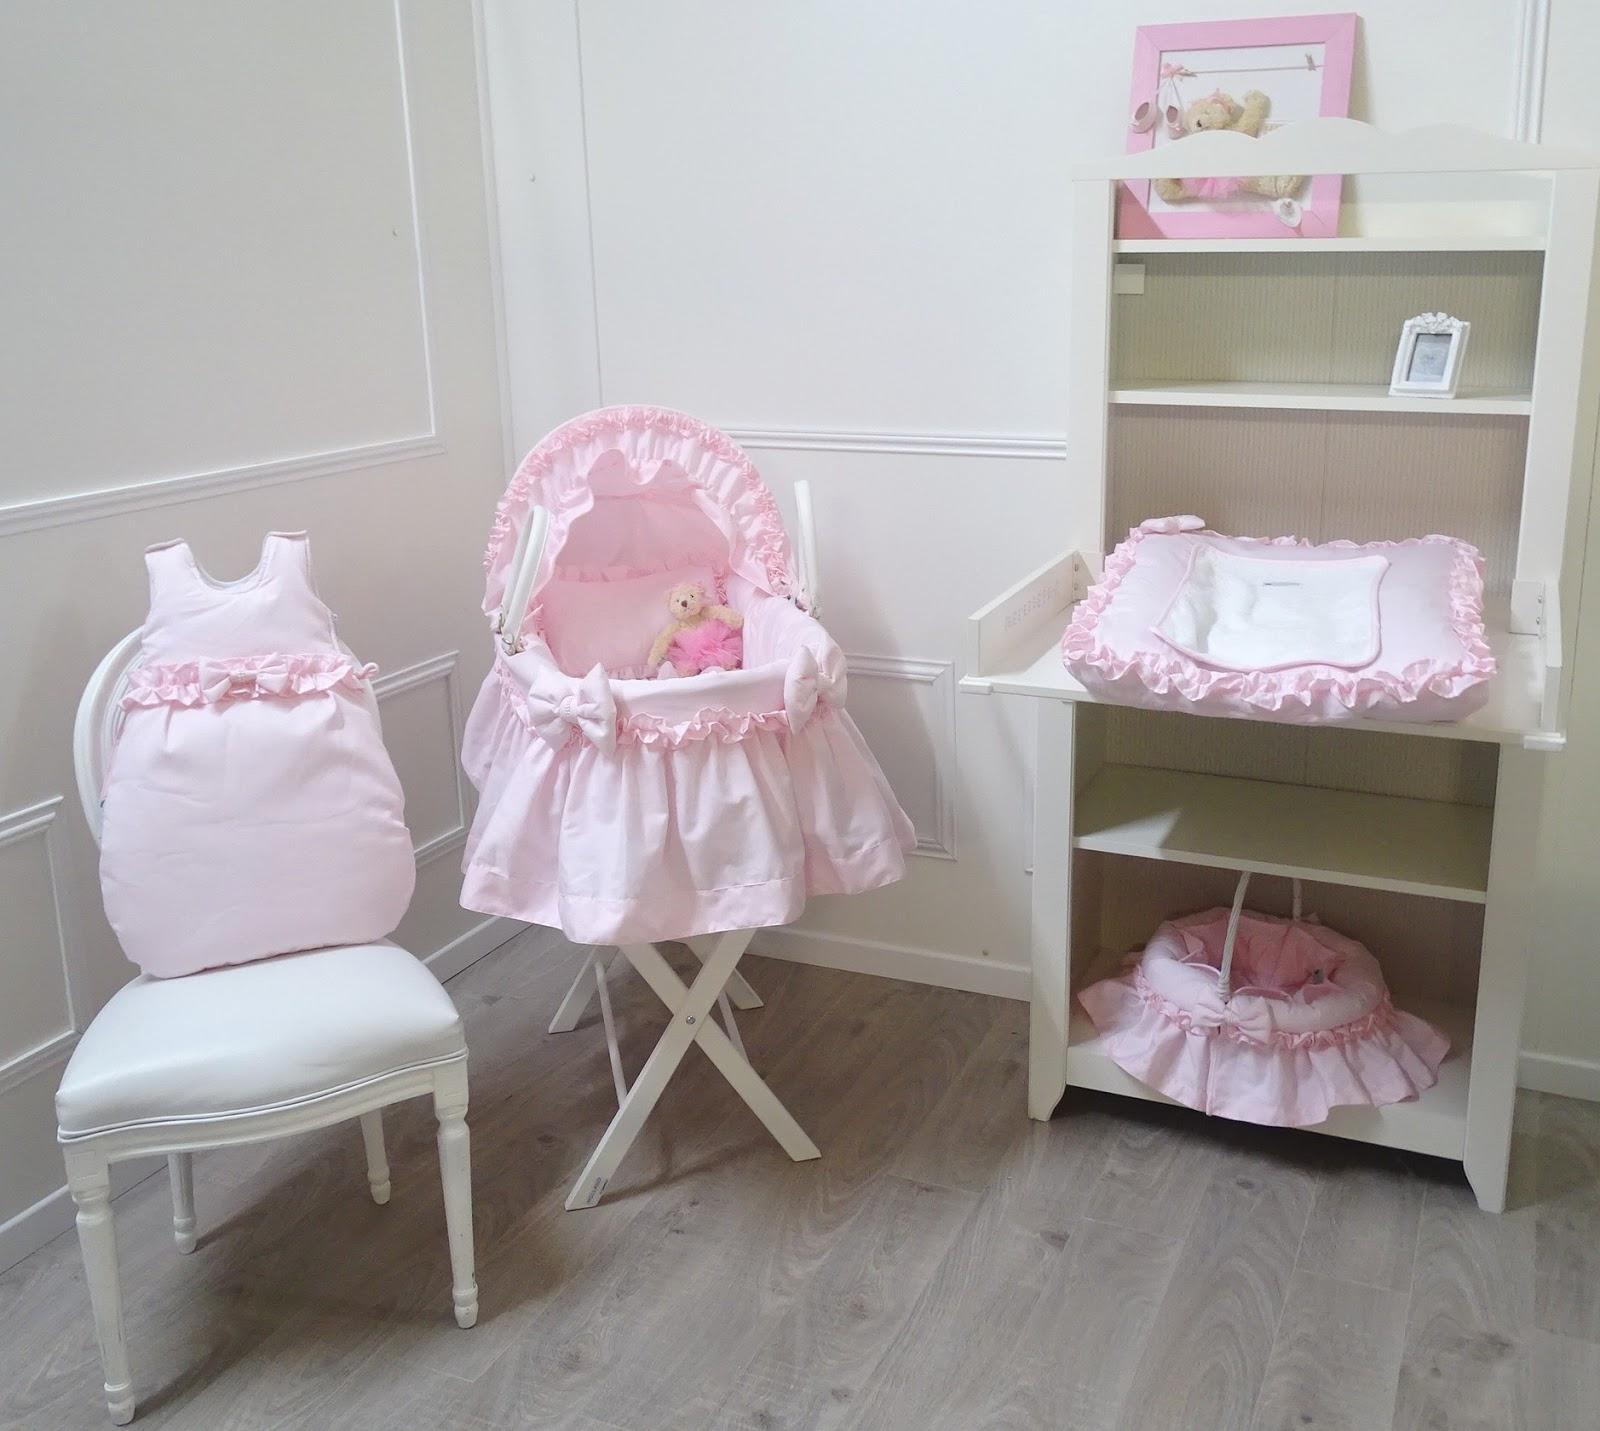 Chambre Rose Poudré Fille www.cocondamour.fr notre boutique en ligne est disponible